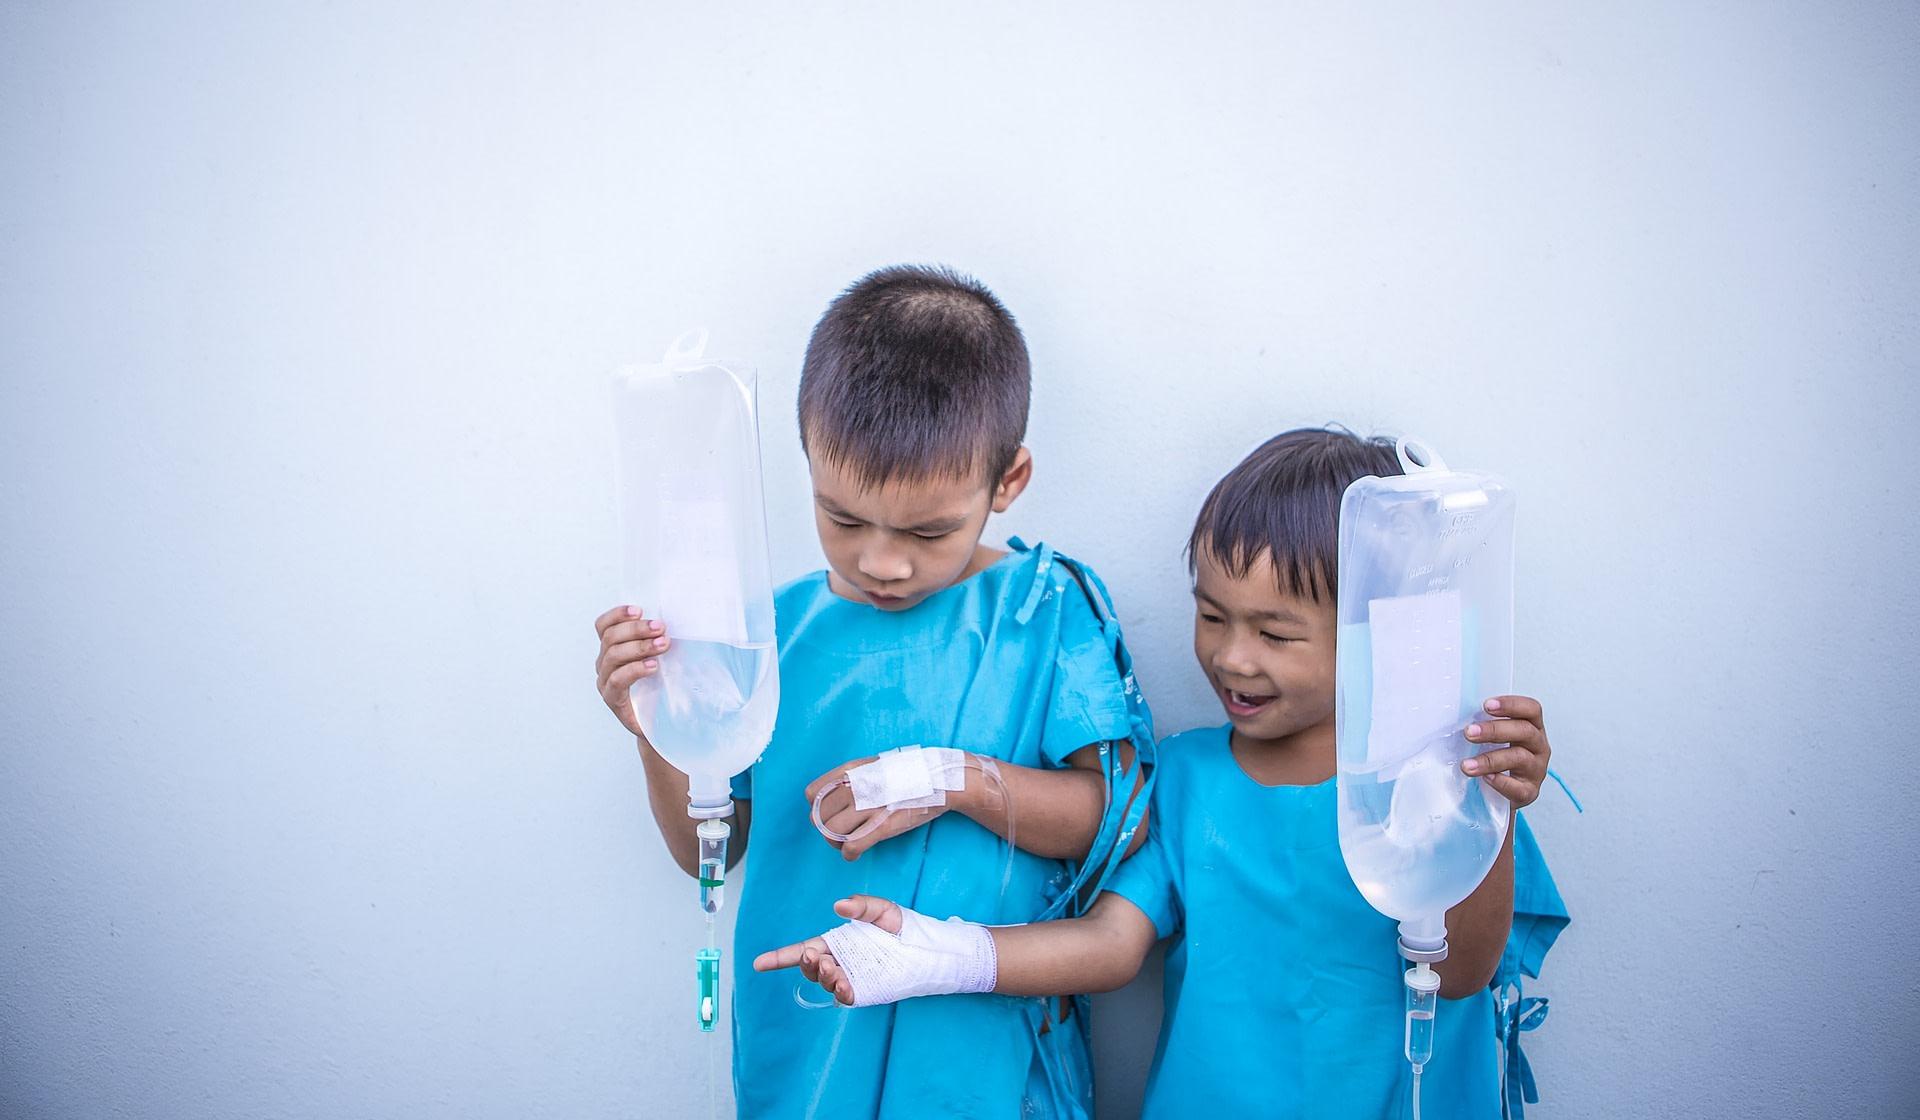 détecter la maladie chez l'enfant